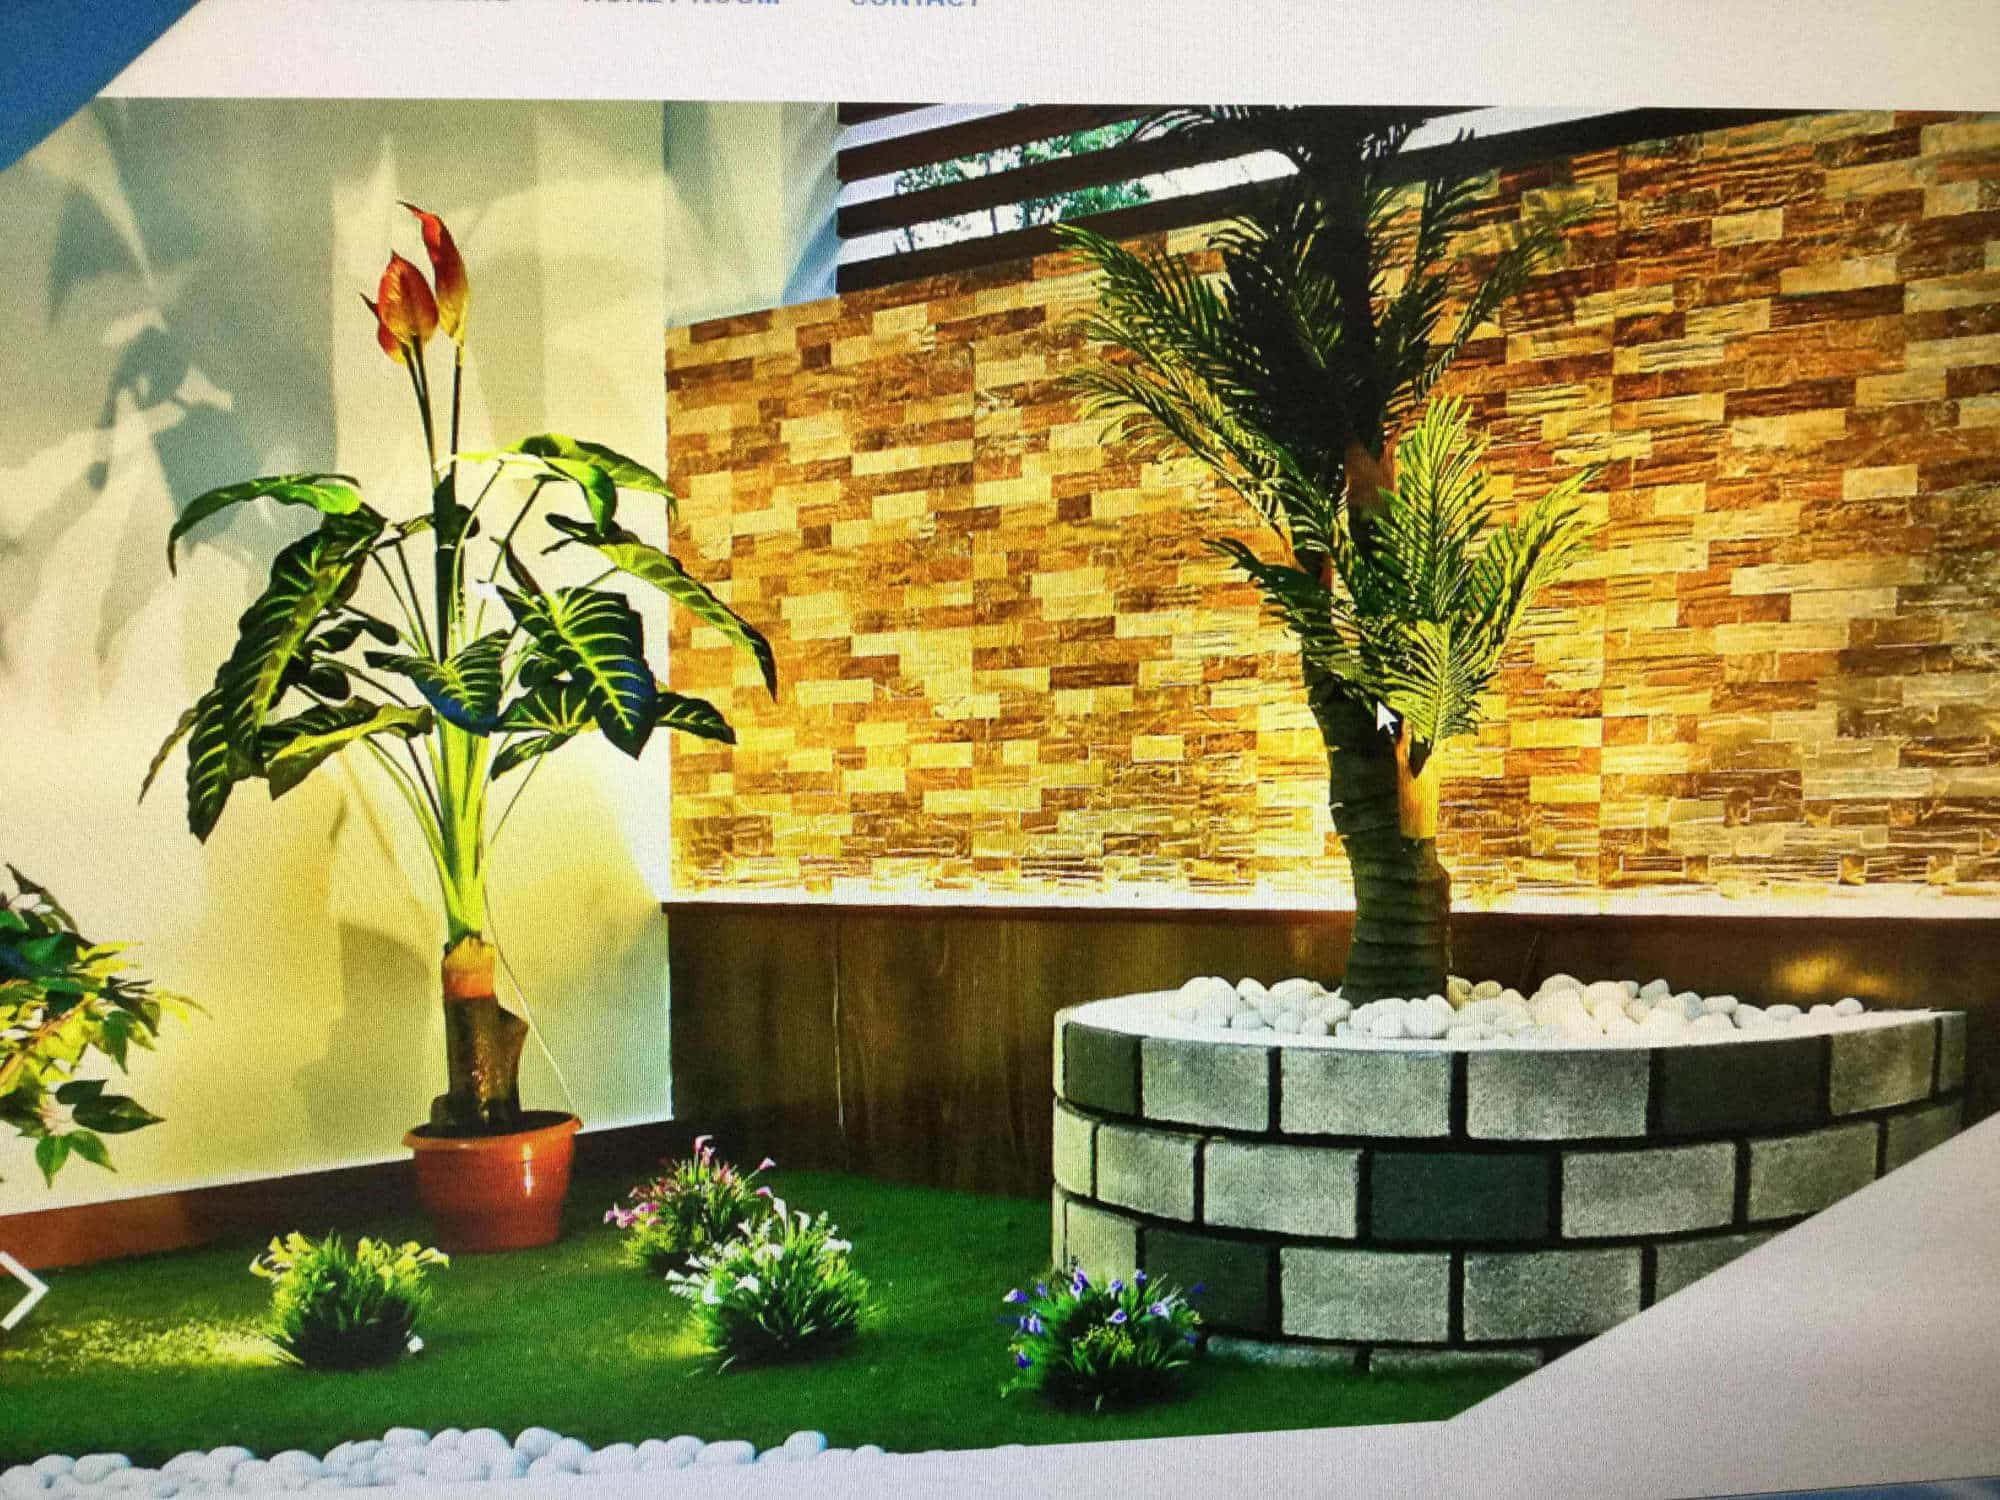 Mayoora interiors changanacherry interior design Home interior design kottayam